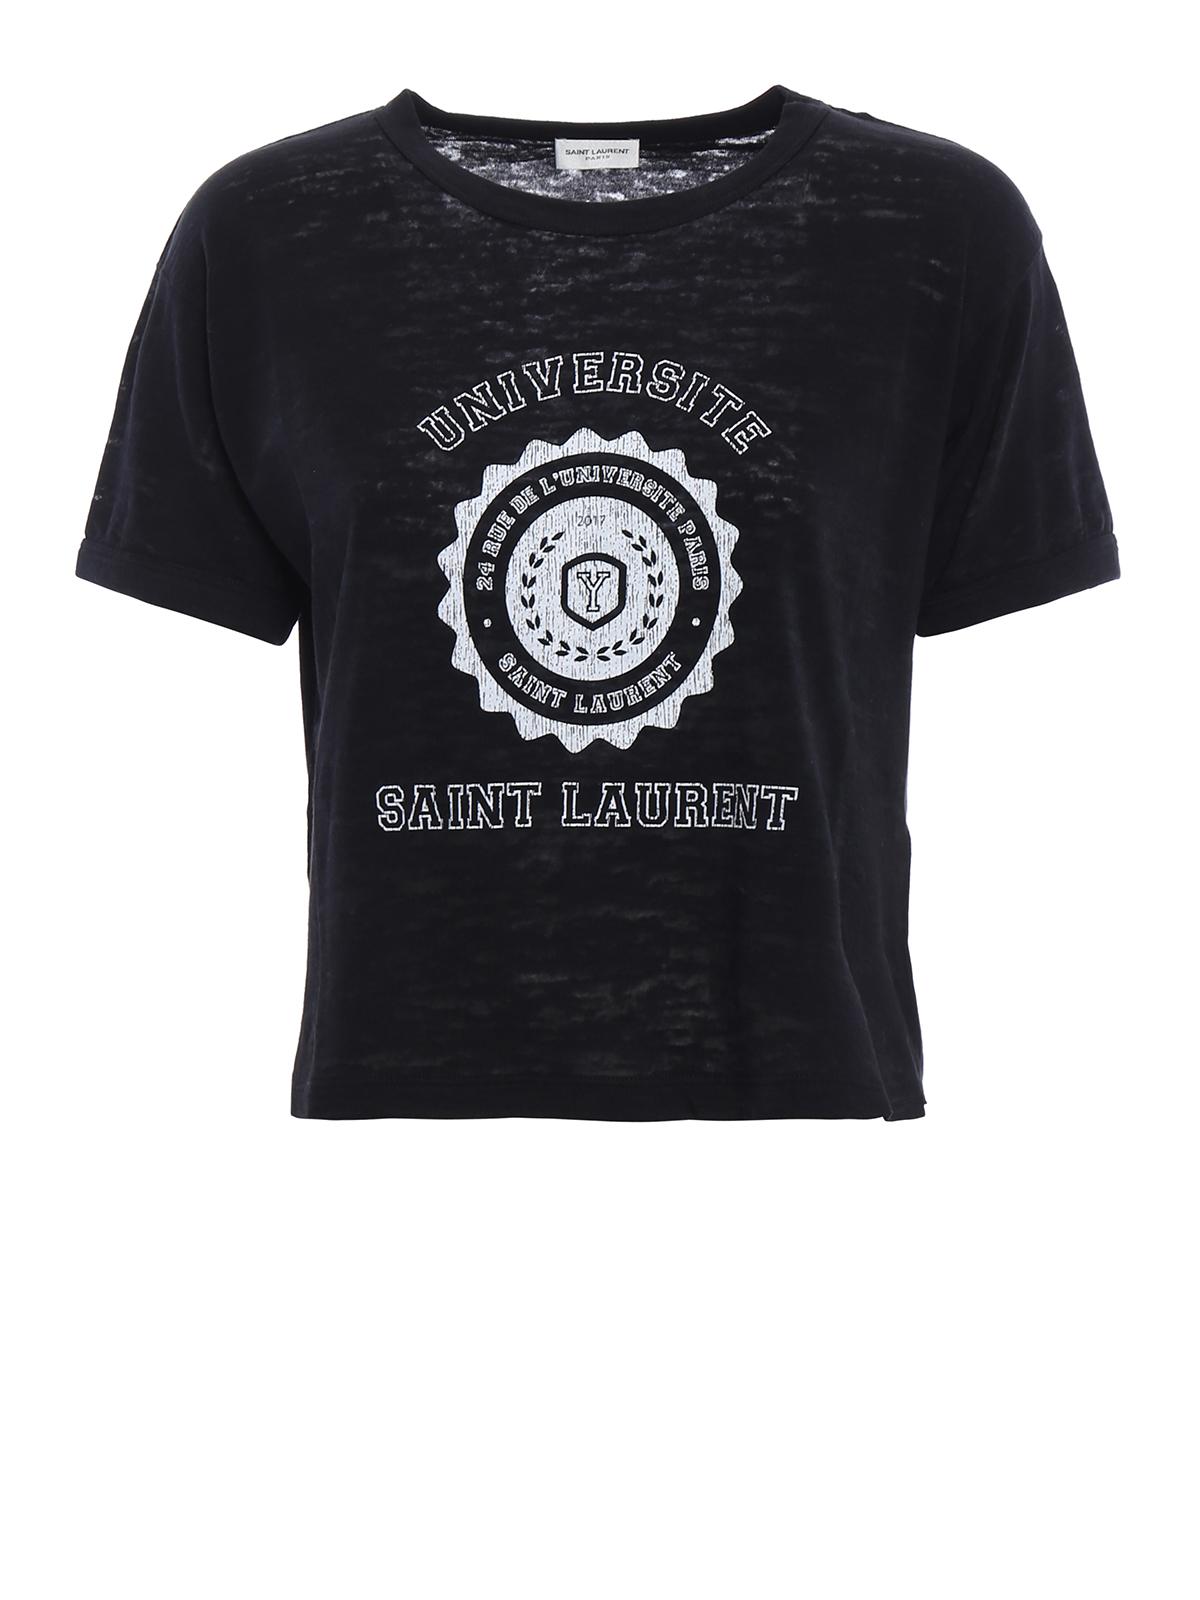 Universite print crop t shirt by saint laurent t shirts for Saint laurent t shirt